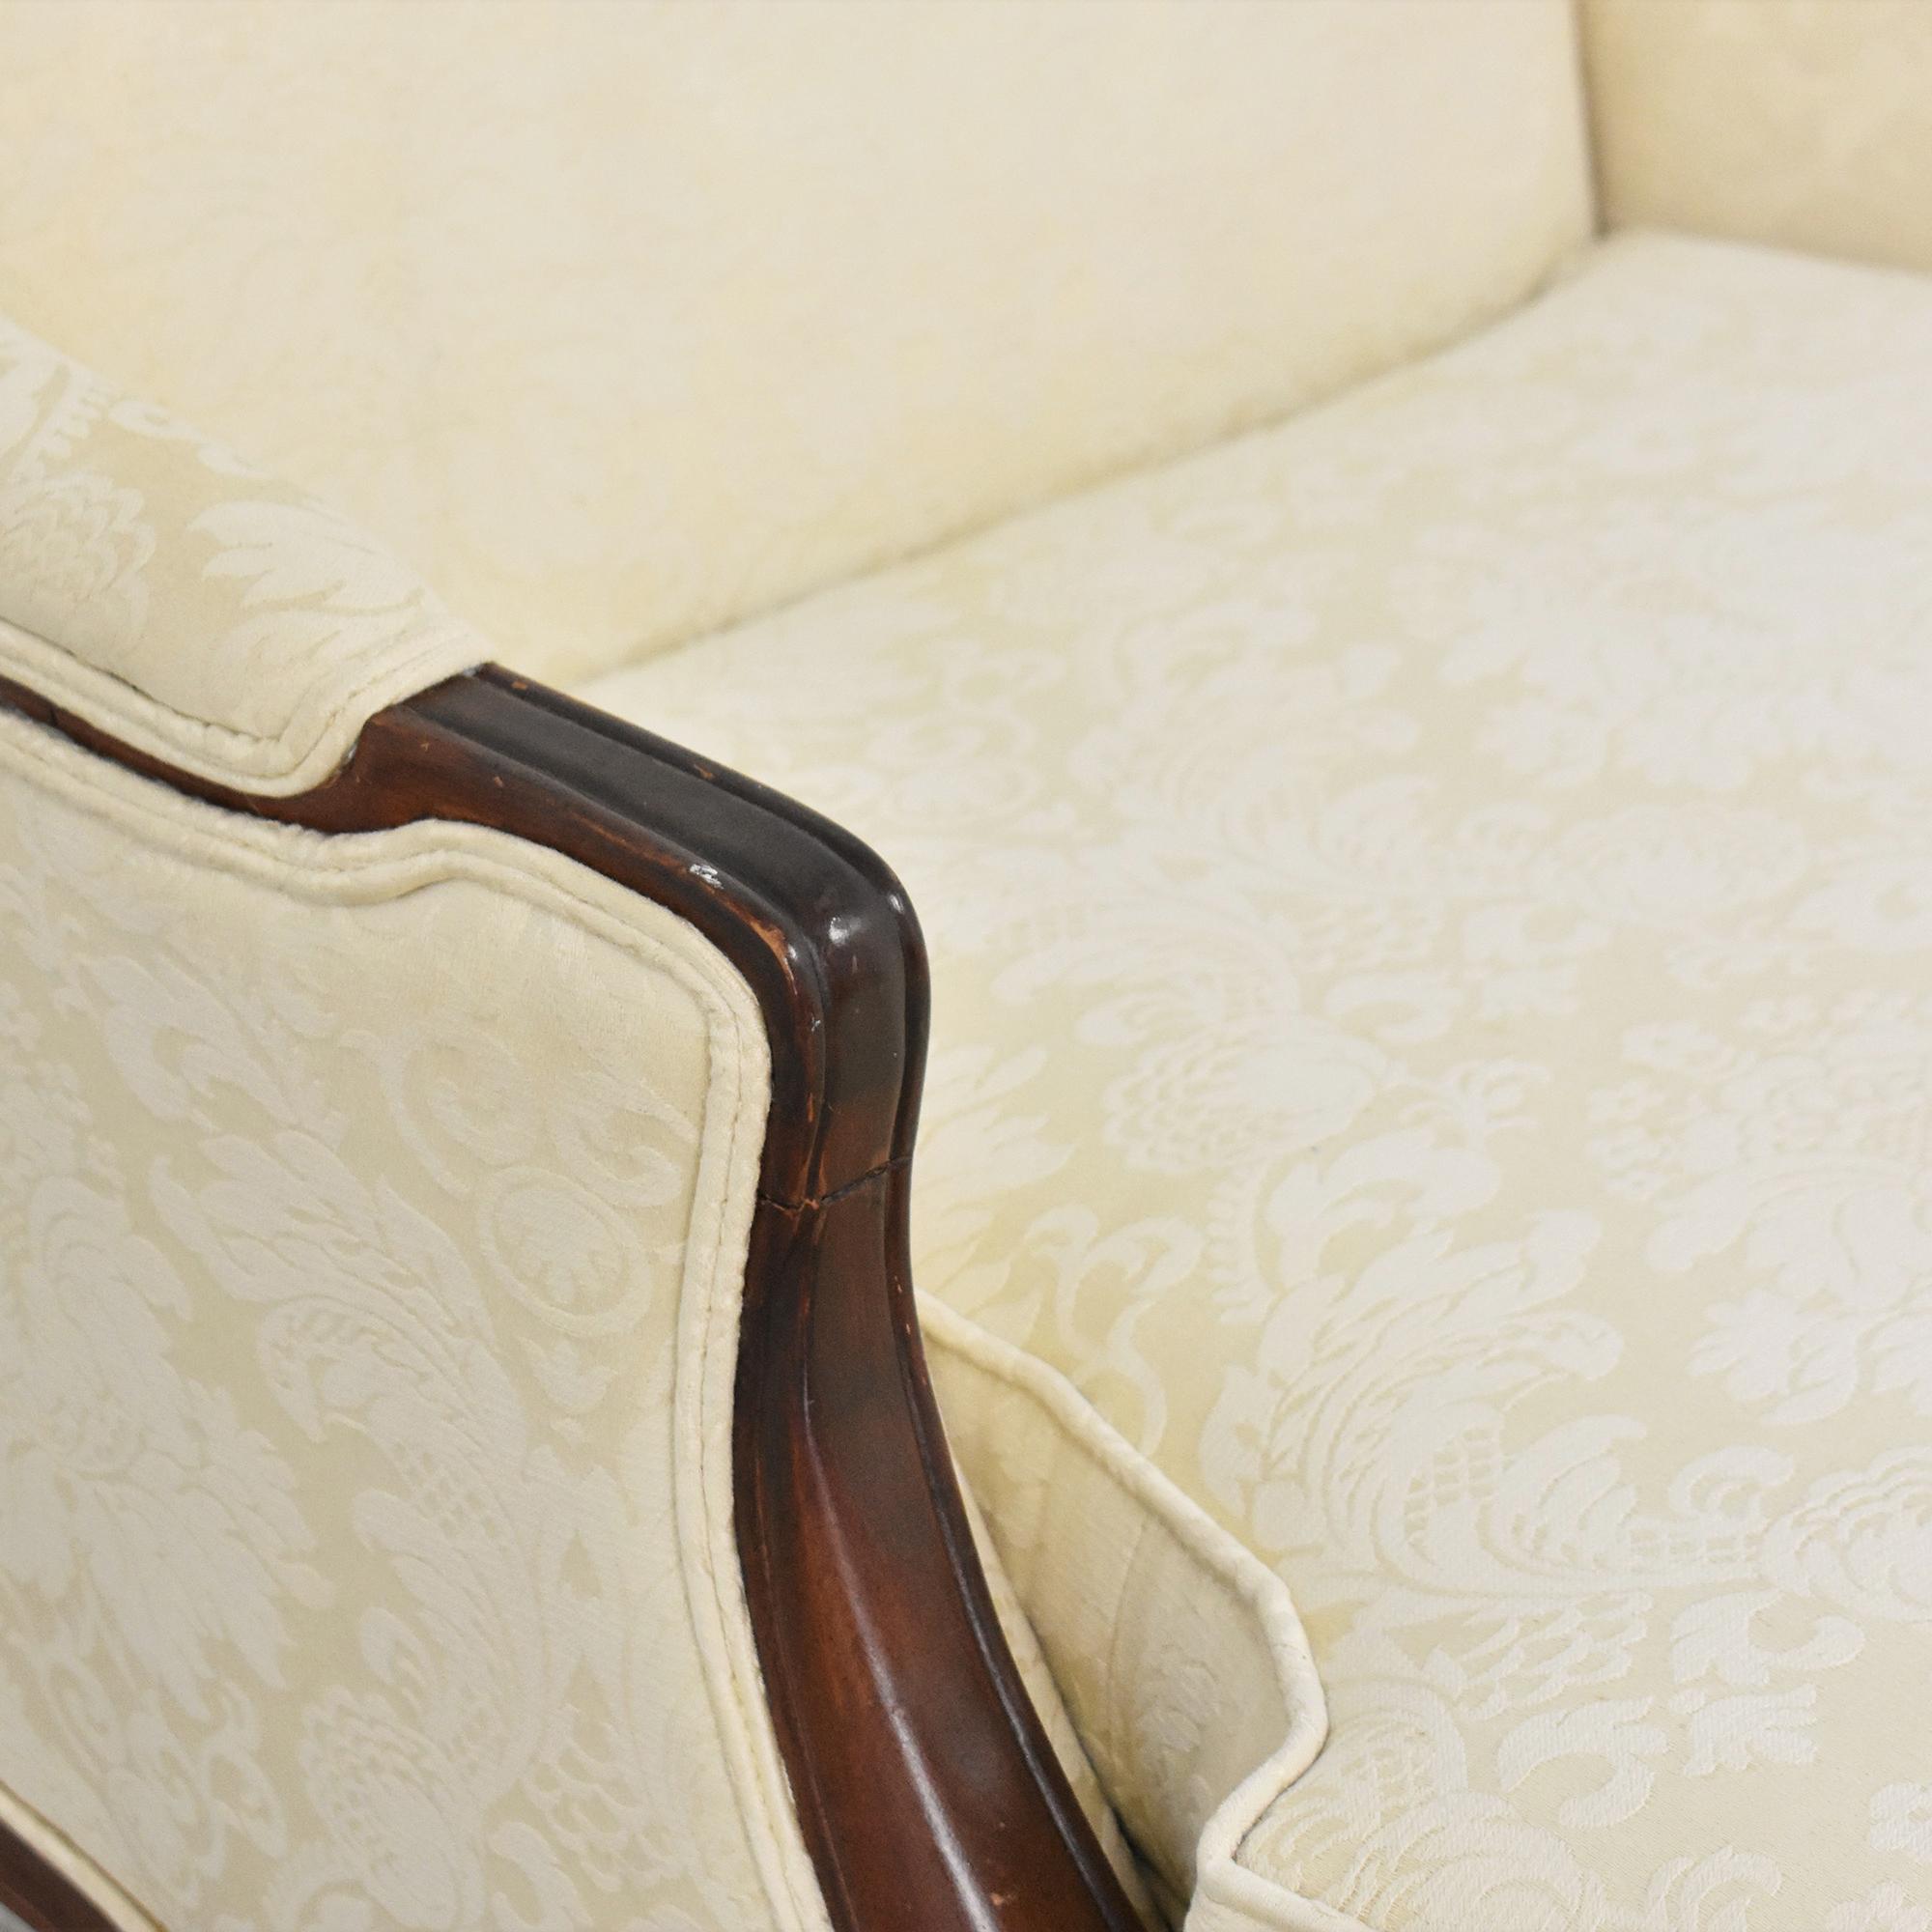 Huffman Koos Arm Chair with Ottoman Huffman Koos